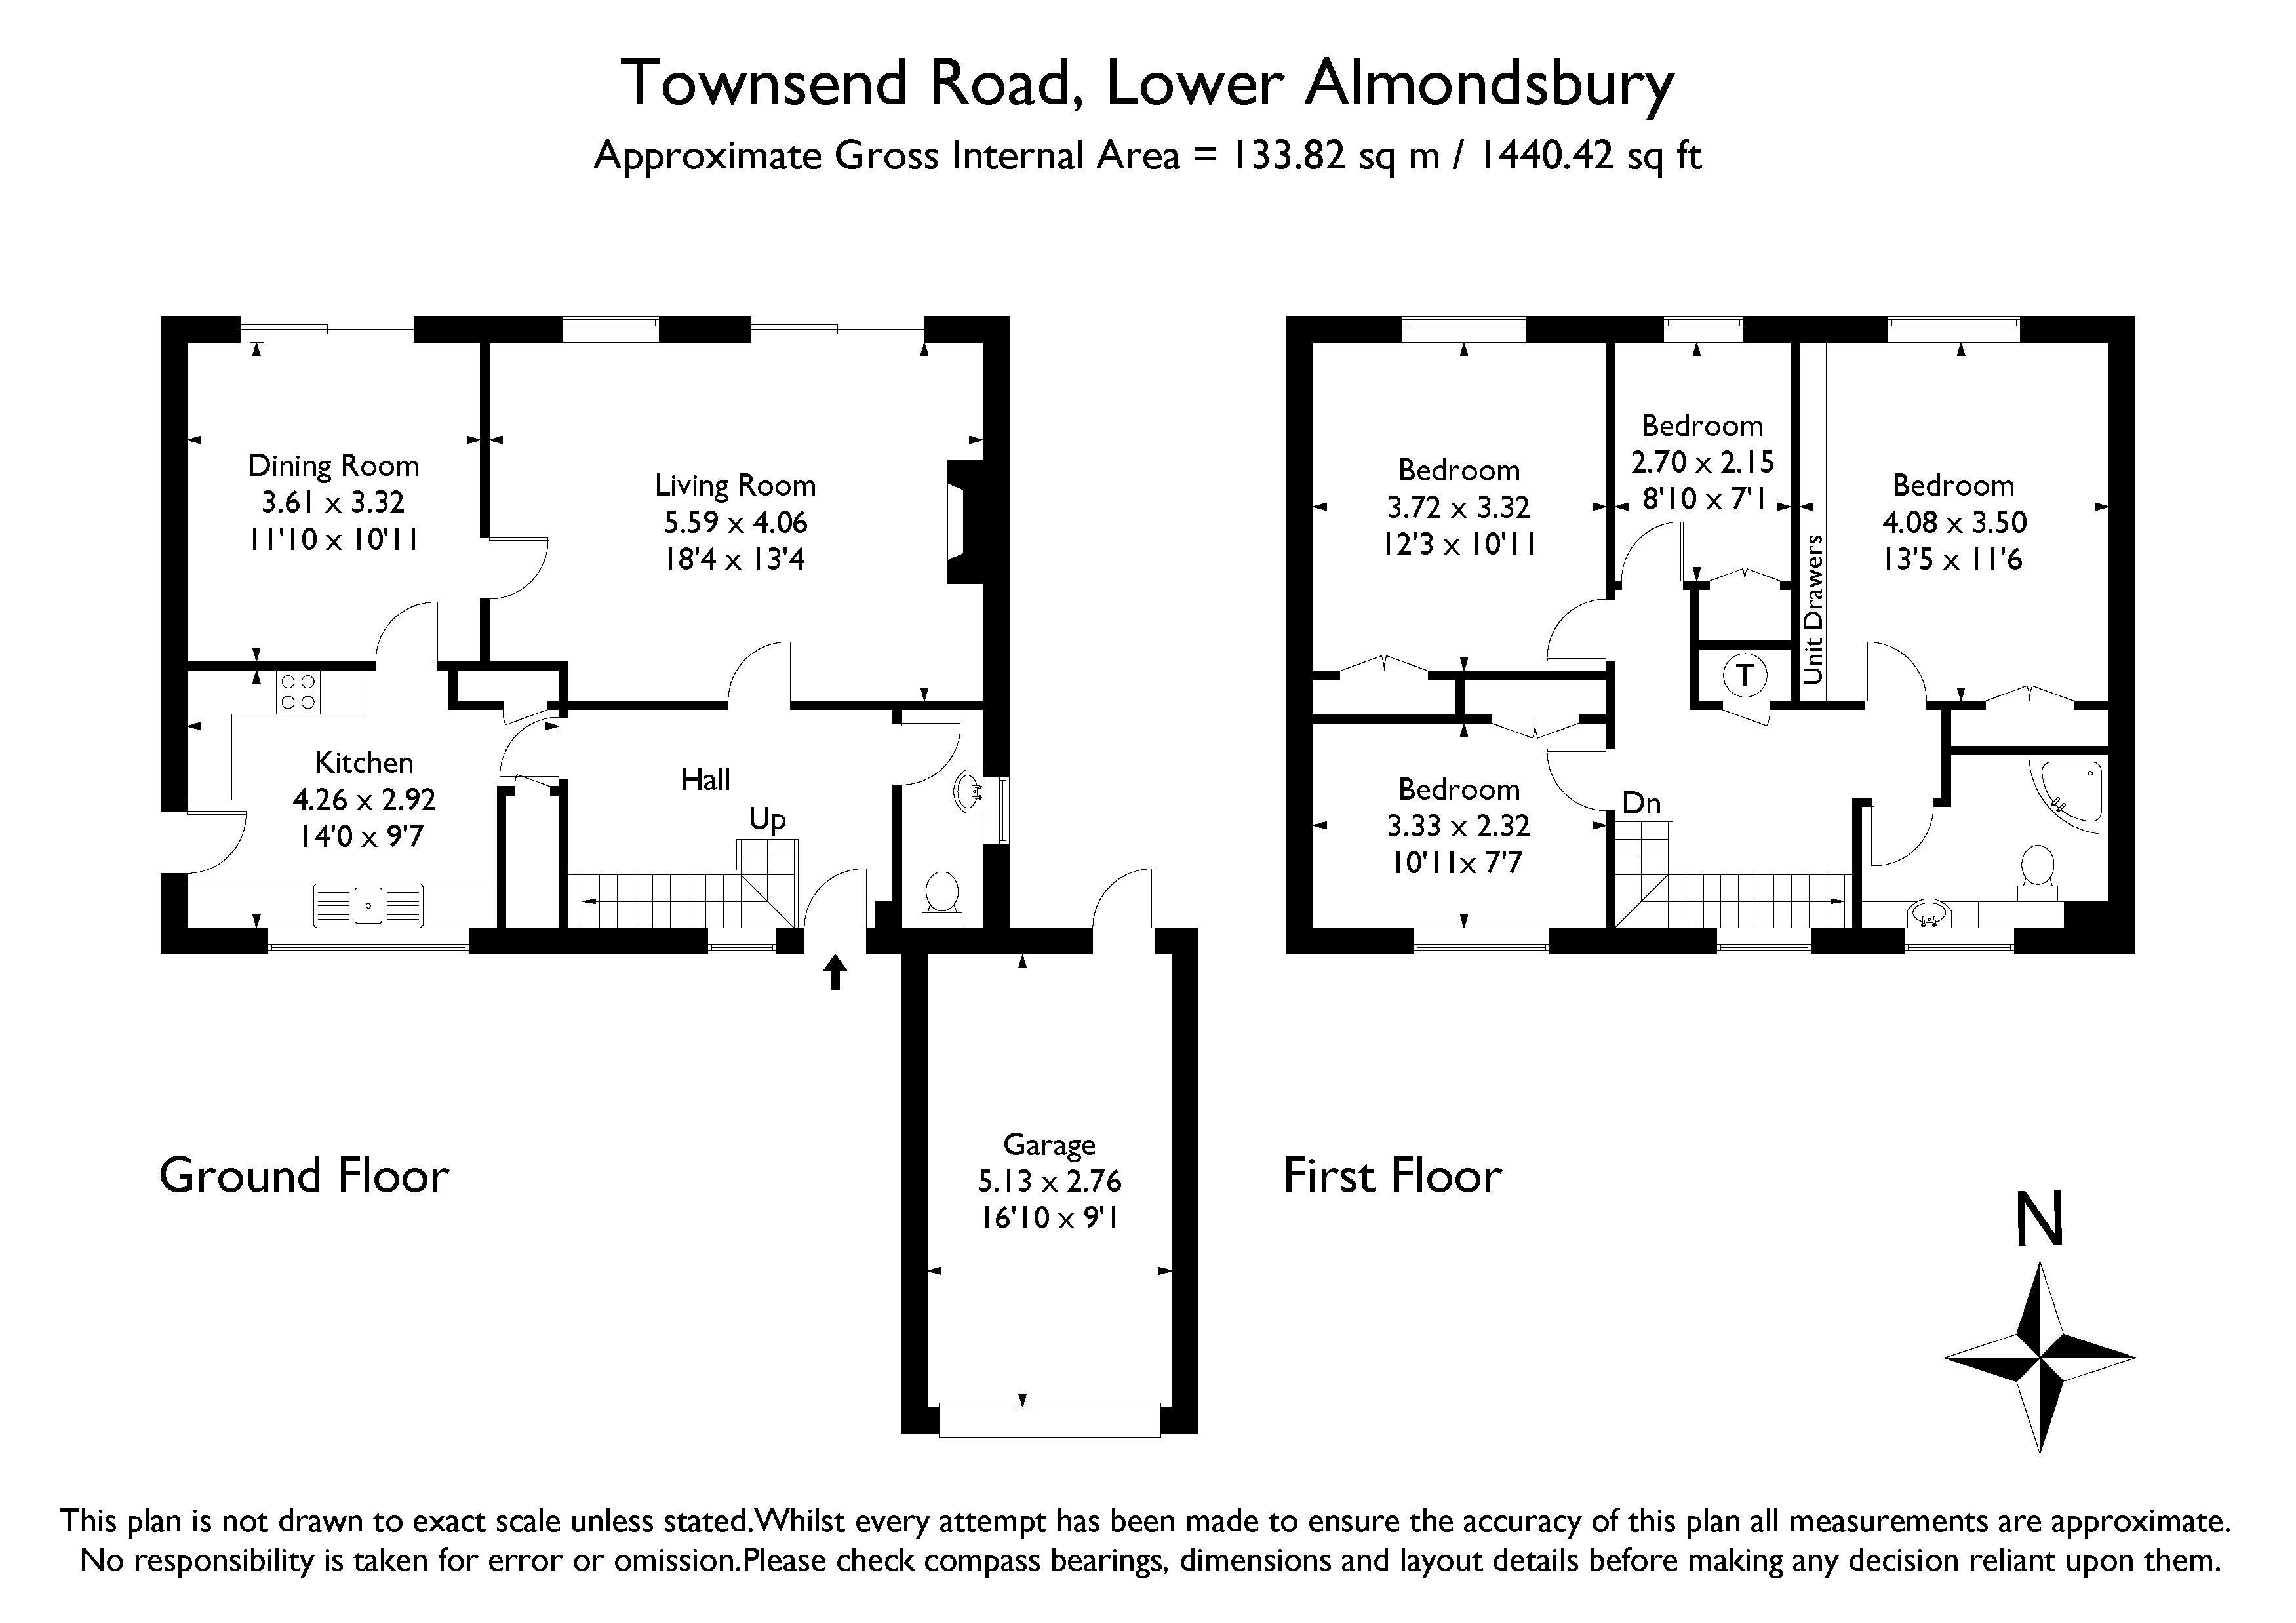 Townsend Lane Almondsbury